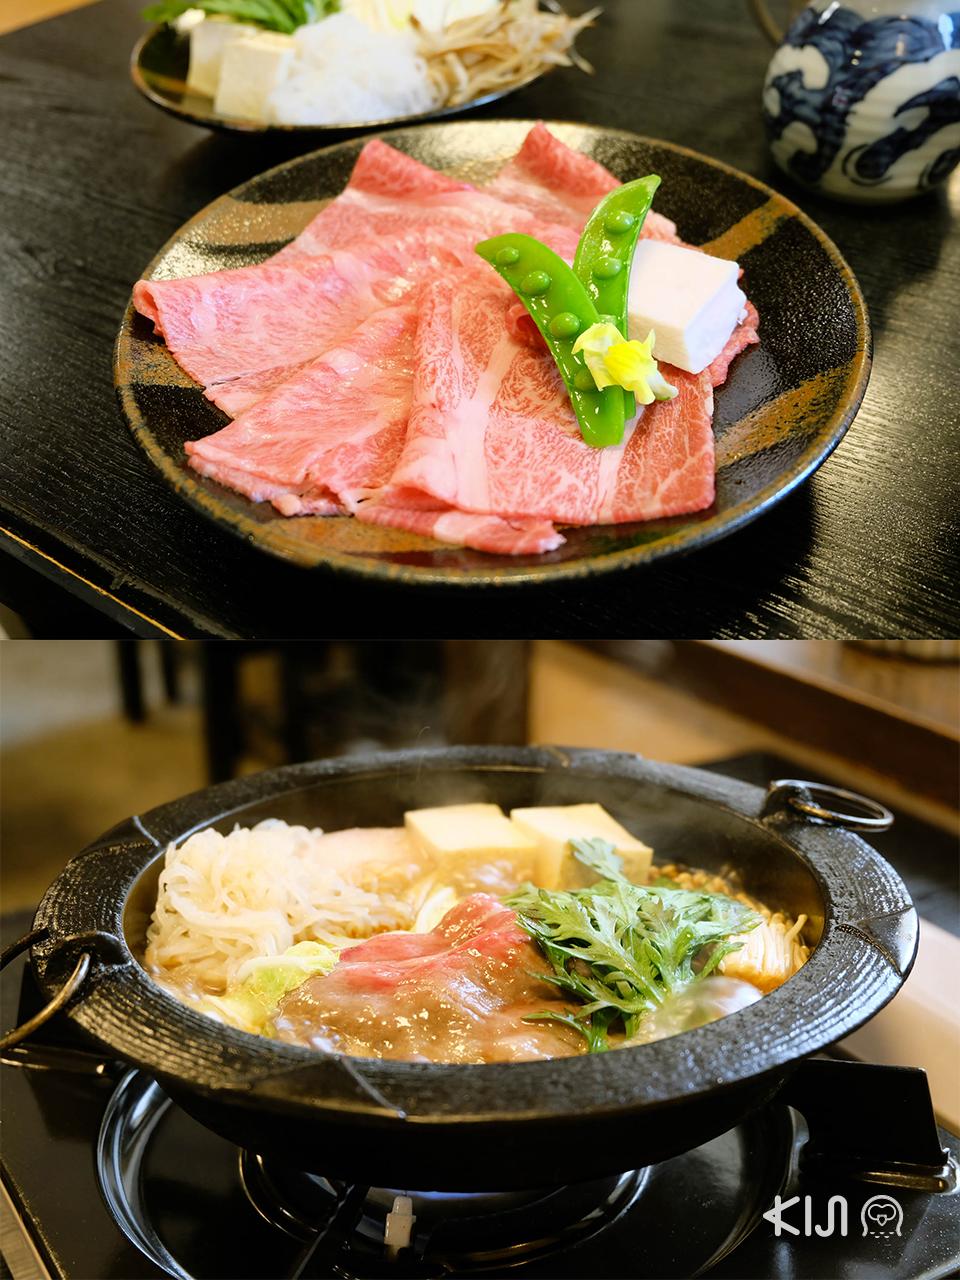 เที่ยวยามากาตะ (โยเนซาวะ และ ยามาเดระ) : Shimofuri Sukiyaki Set (4,800 เยน) เซ็ตมื้อกลางวันจากร้าน Gyunabe O-ki